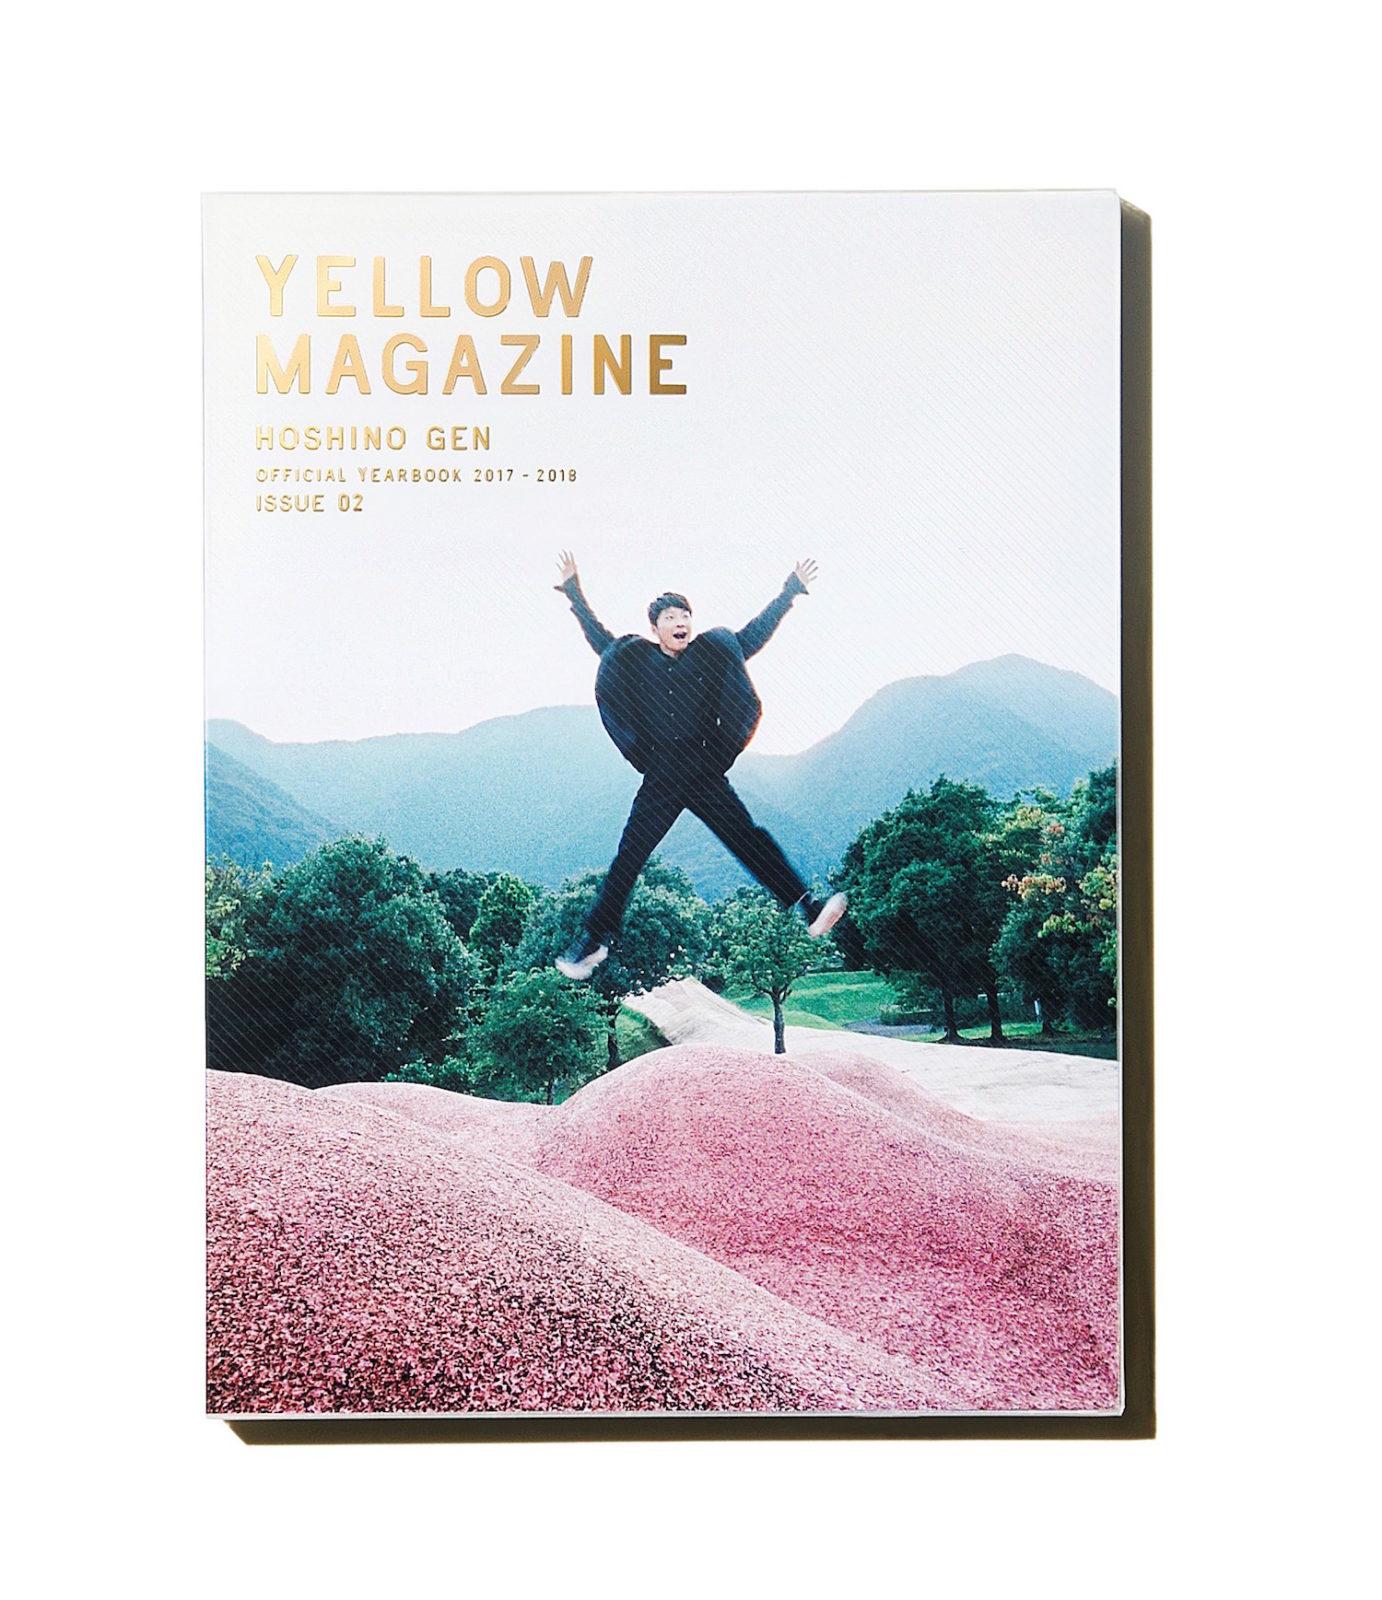 星野源の1年間の音楽活動を余すことなく記録した、オフィシャル・イヤーブック『YELLOW MAGAZINE 2017-2018』発売決定サムネイル画像